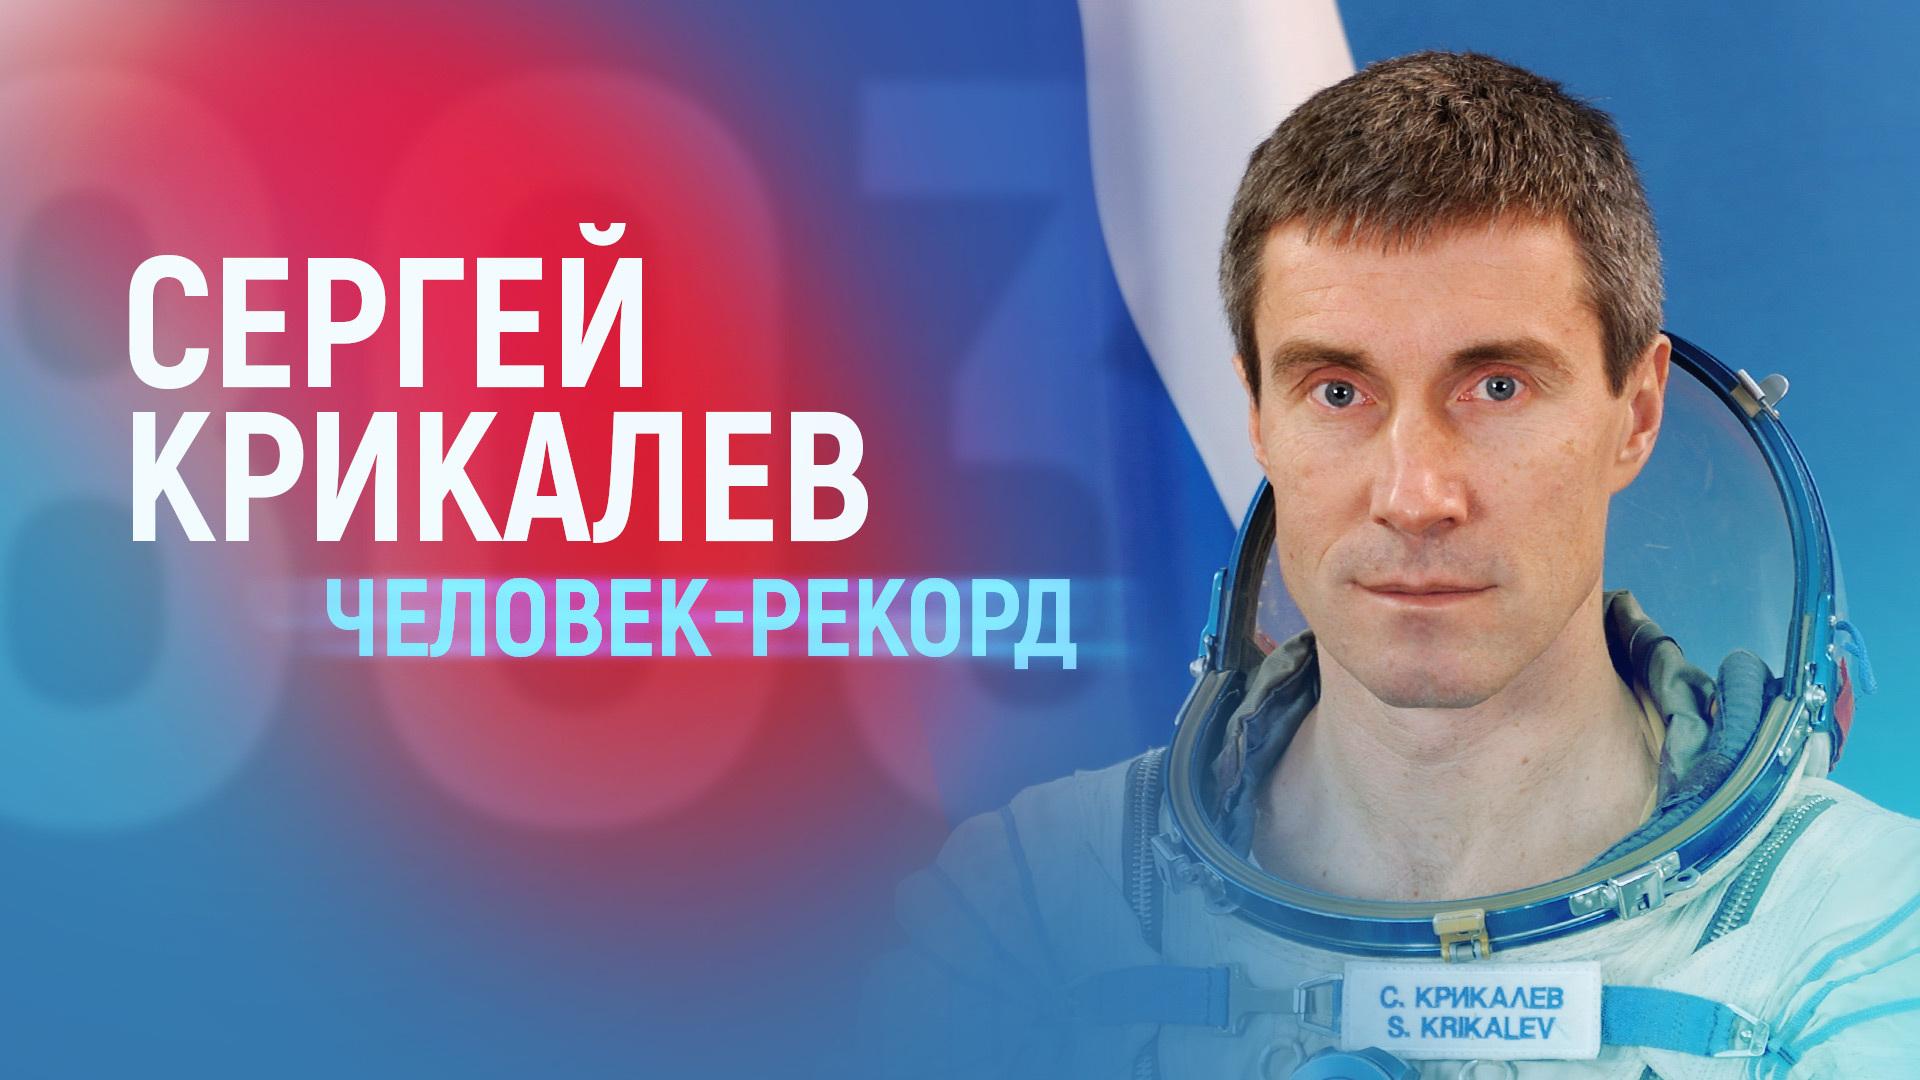 Сергей Крикалев. Человек-рекорд